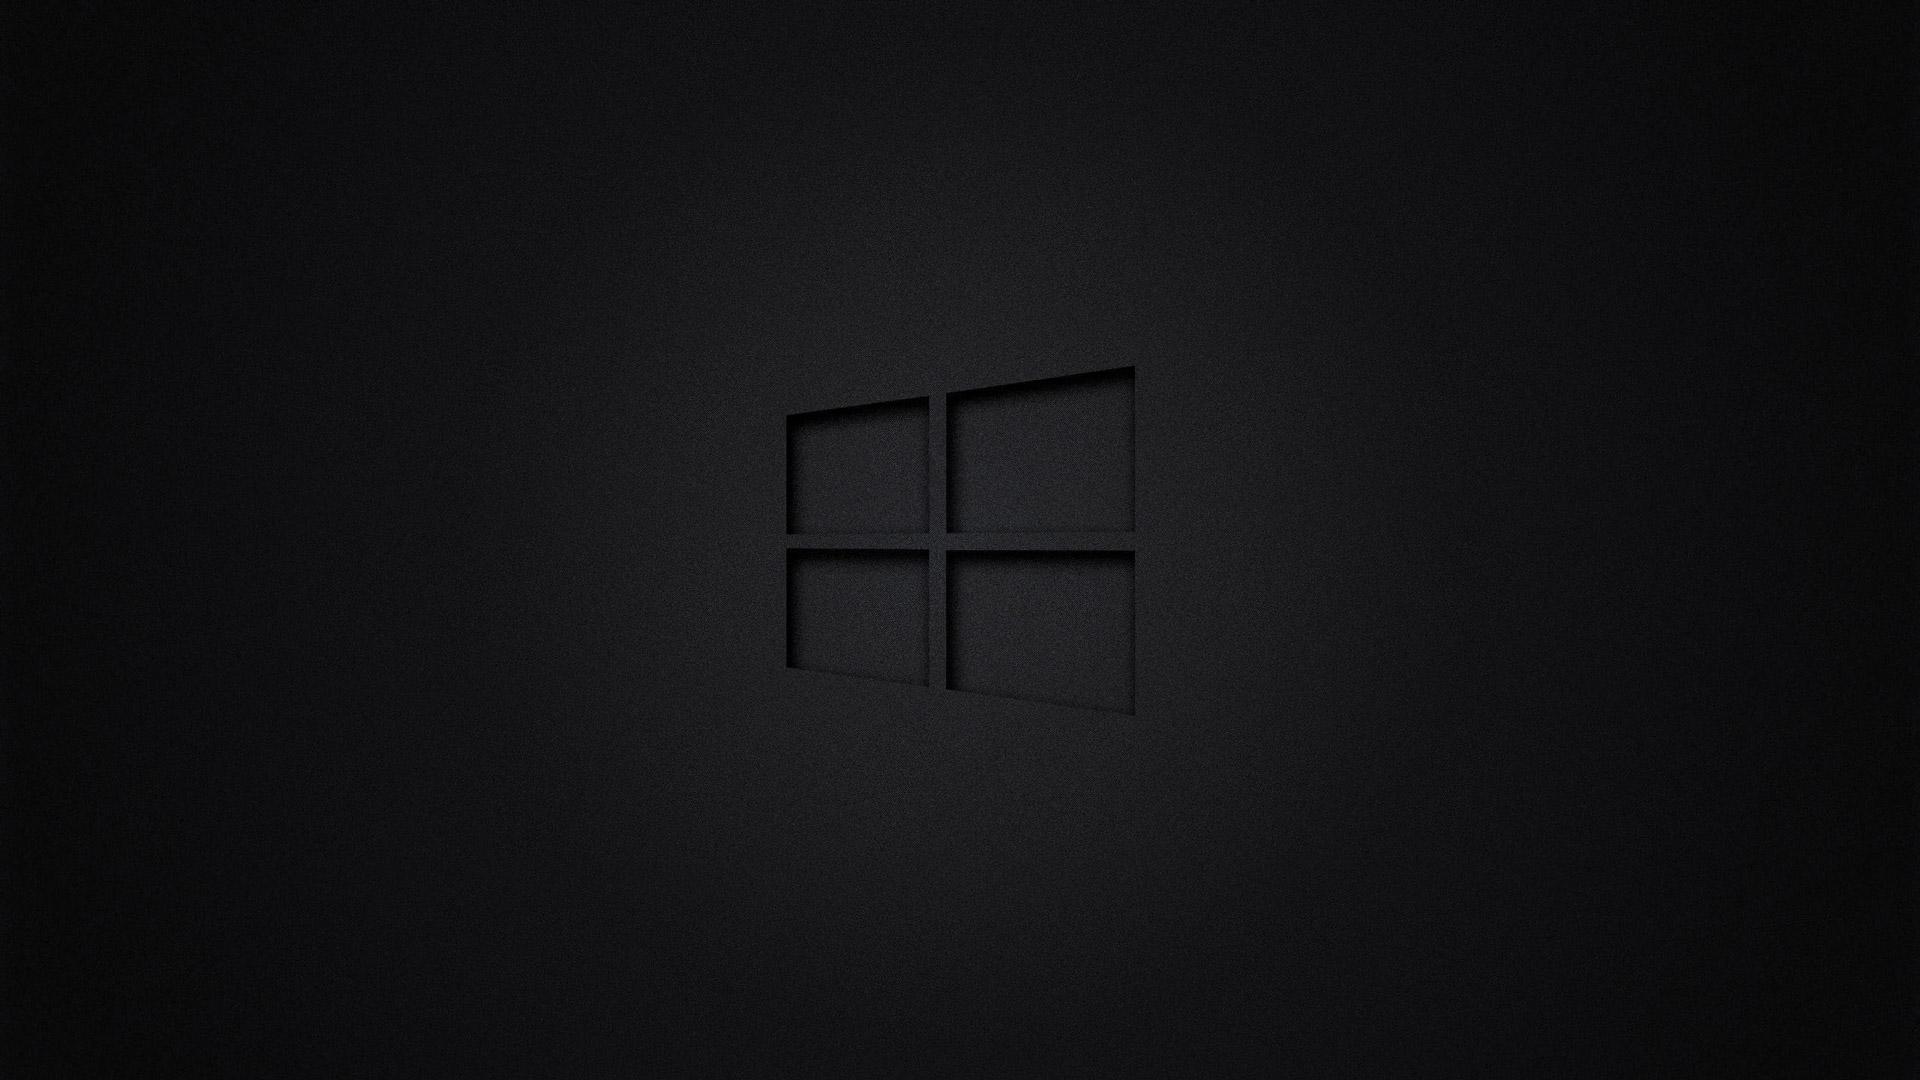 Dark Wallpaper 1920x1080 Hd Posted By Ryan Peltier